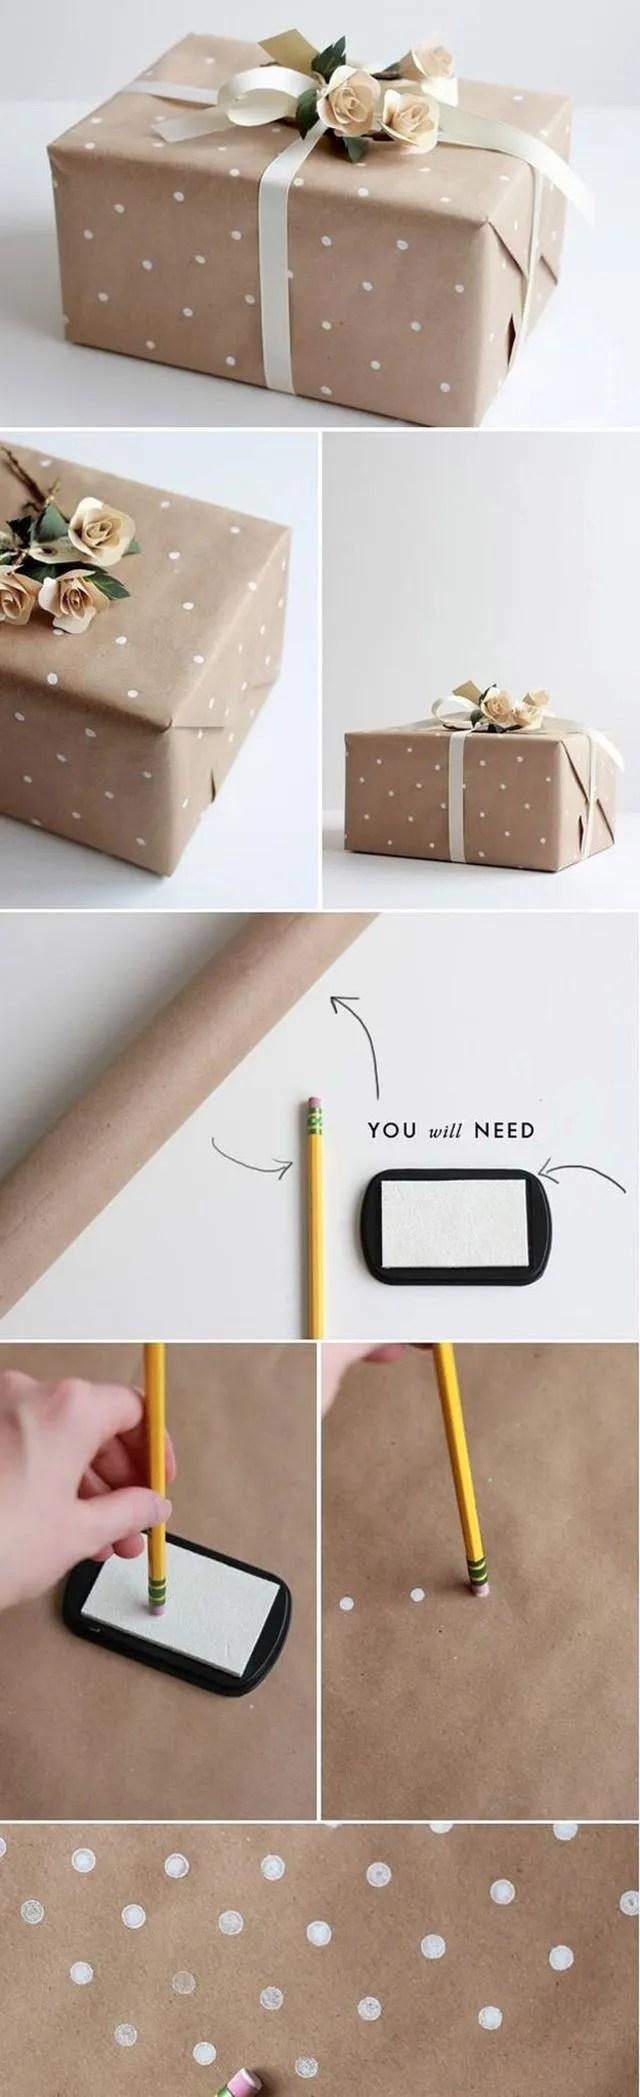 Comment Emballer Un Cadeau : comment, emballer, cadeau, Comment, Emballer, Soi-même, Cadeaux, Noël, Côté, Maison